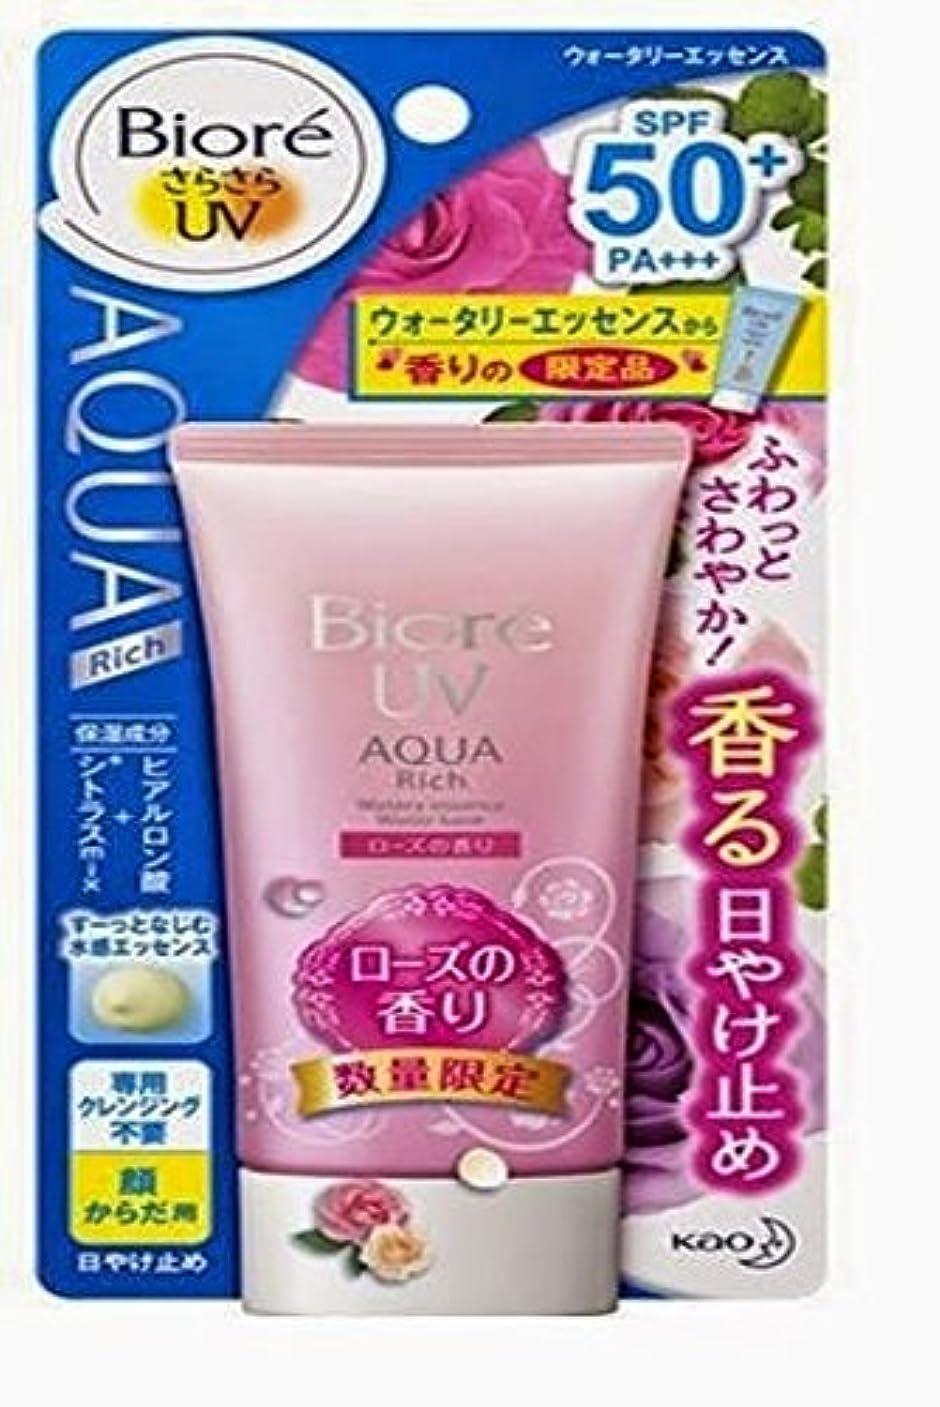 開拓者しっかりピストンBiore Uv Aqua Rich Watery Essenceローズspf50 + / PA + + + 50 g